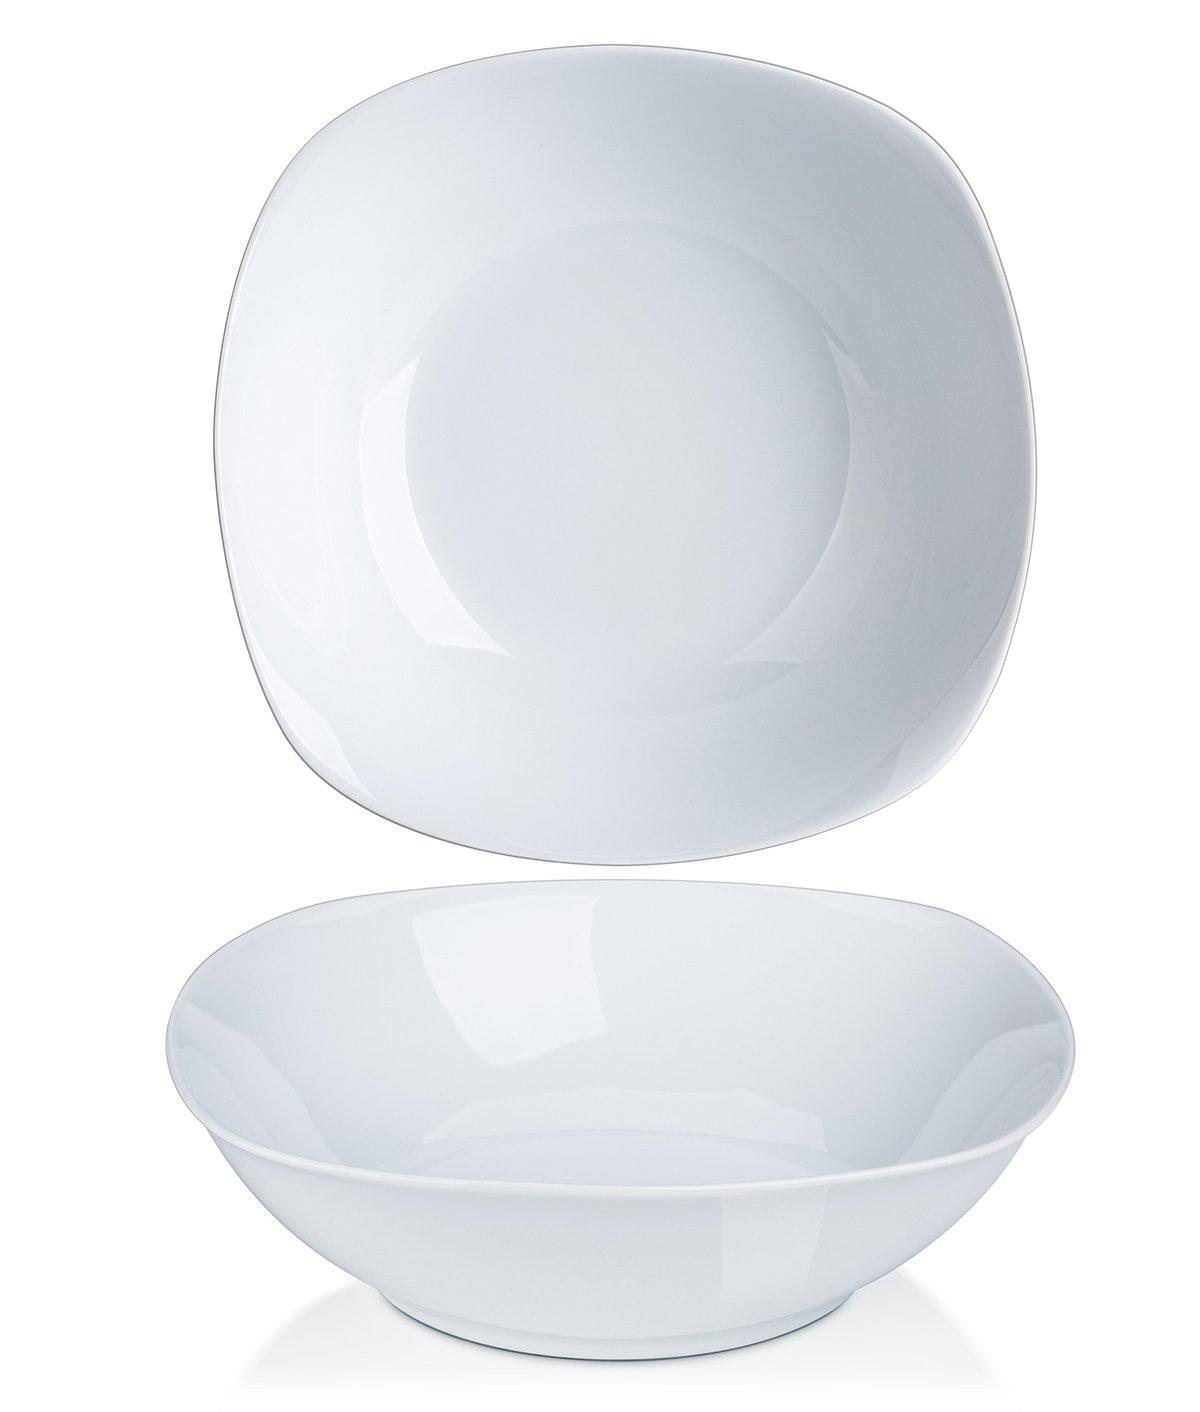 YHY 1.3-Quart Porcelain Salad Serving Bowls, Square Soup/Cereal Bowl Set, White, Set of 2